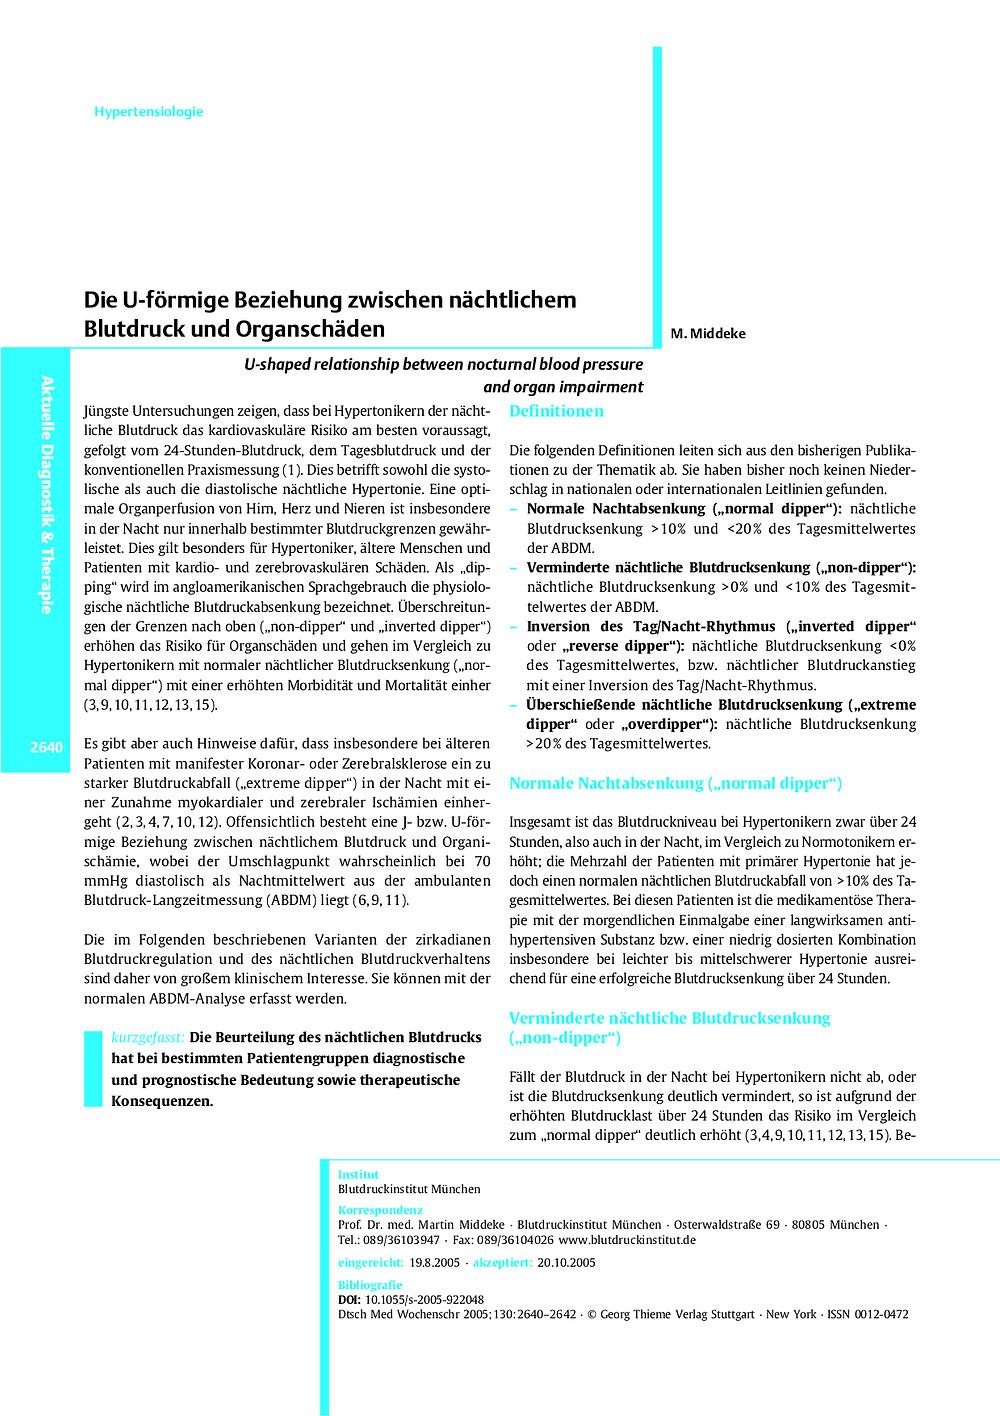 Die U-förmige Beziehung zwischen nächtlichem Blutdruck und Organschäden